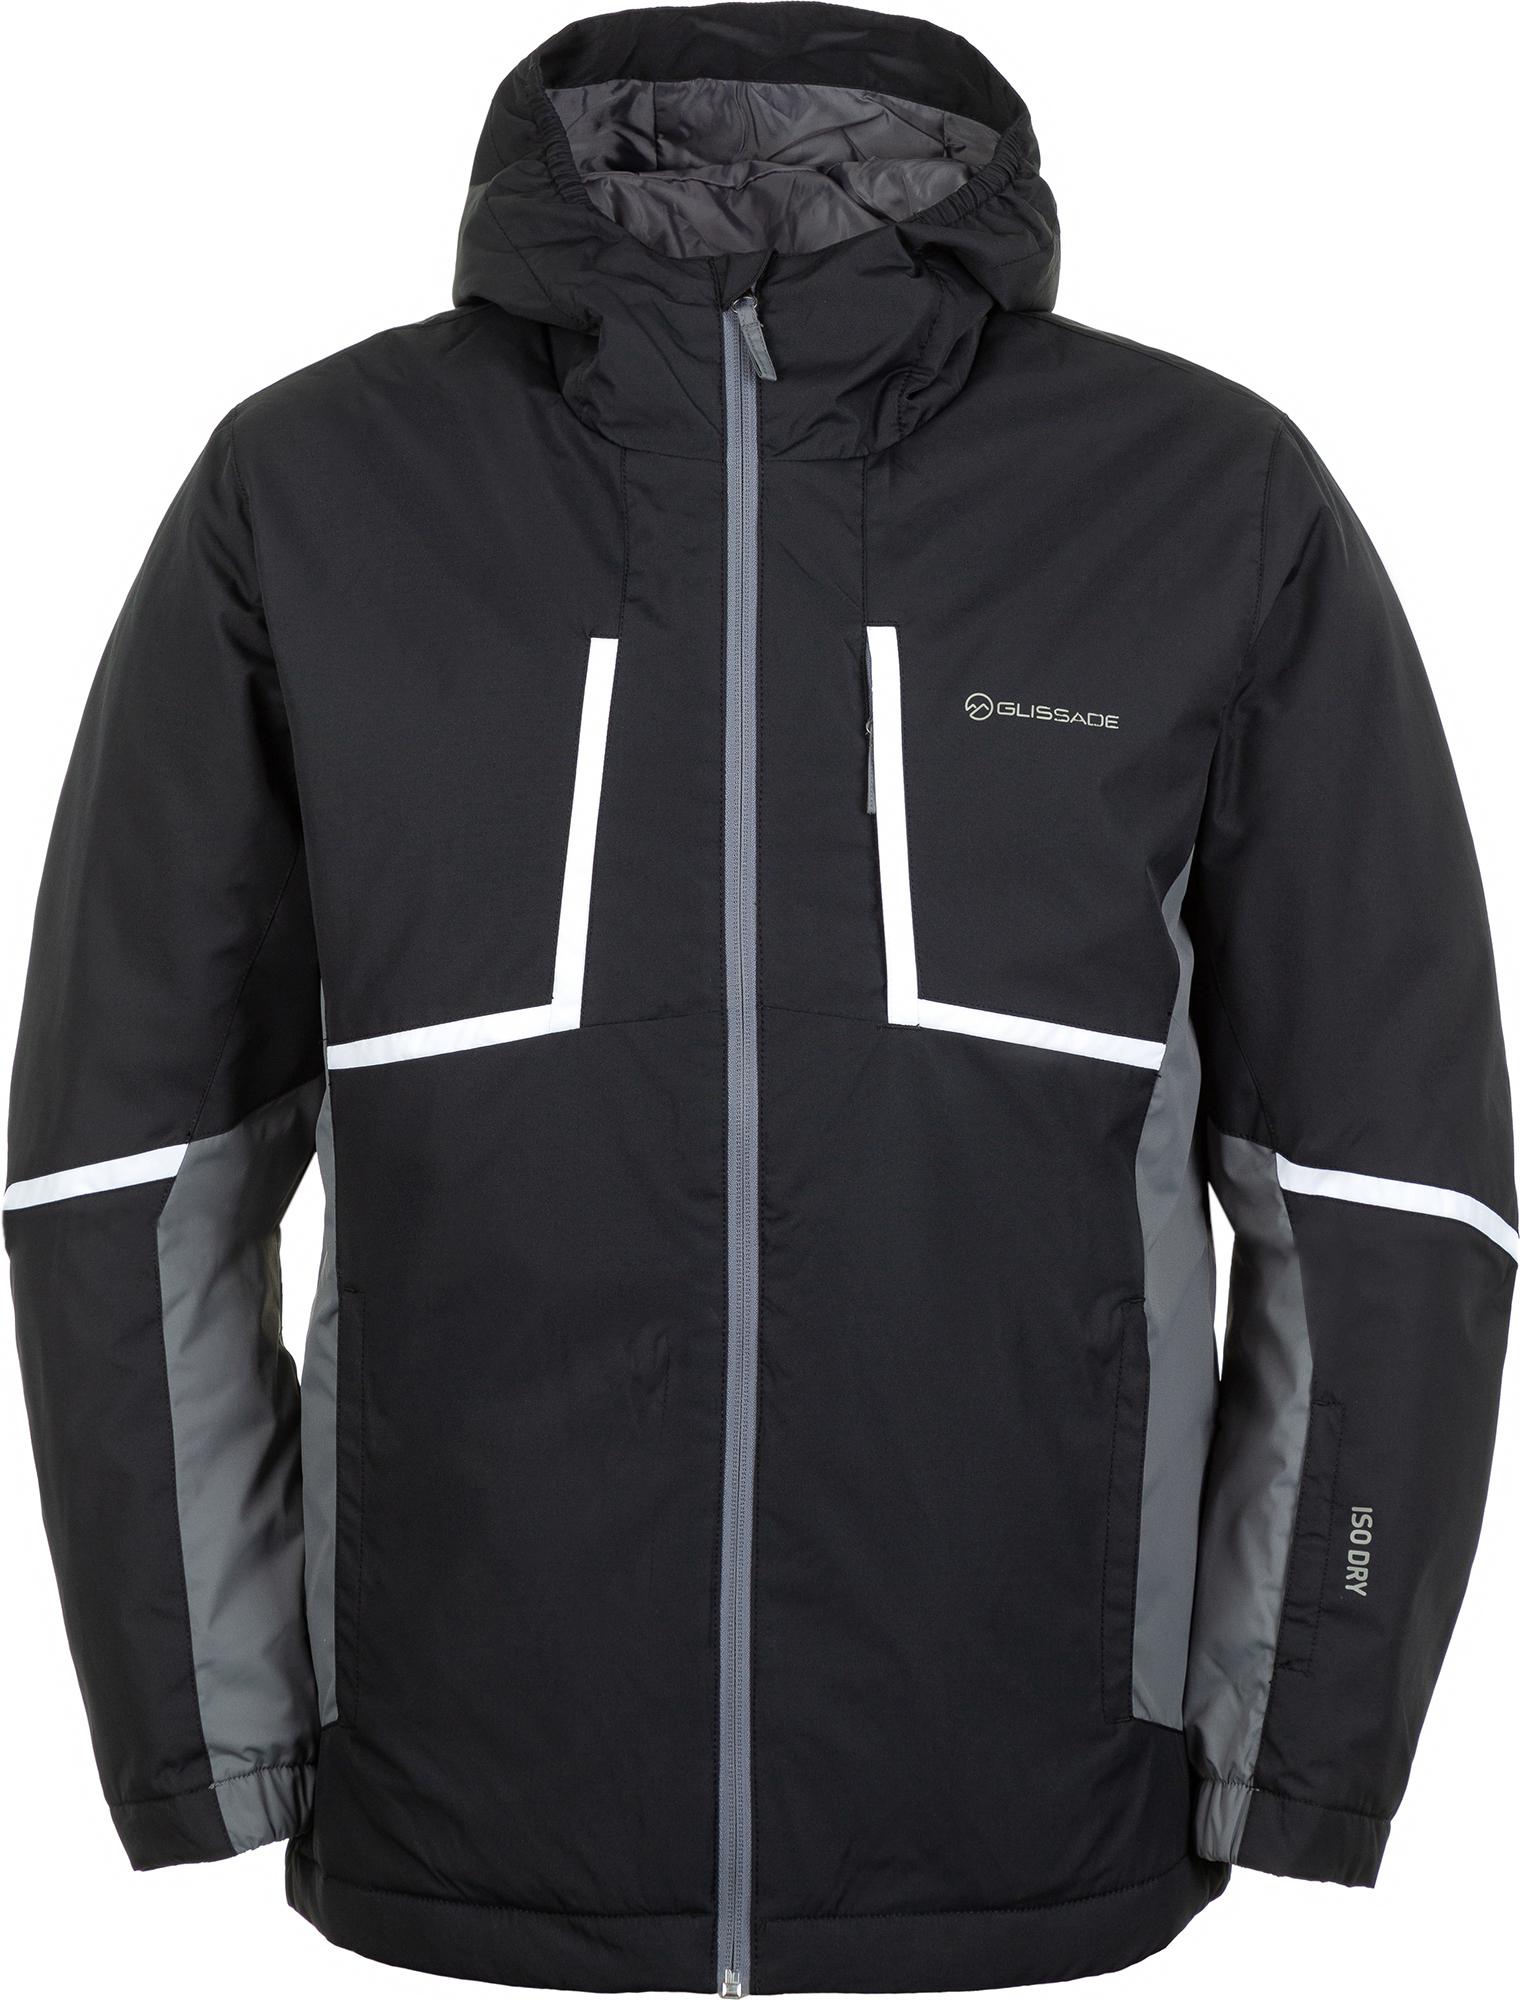 Glissade Куртка утепленная мужская Glissade, размер 60-62 куртка мужская reebok f puff bomber цвет черный dh2140 размер xxl 60 62